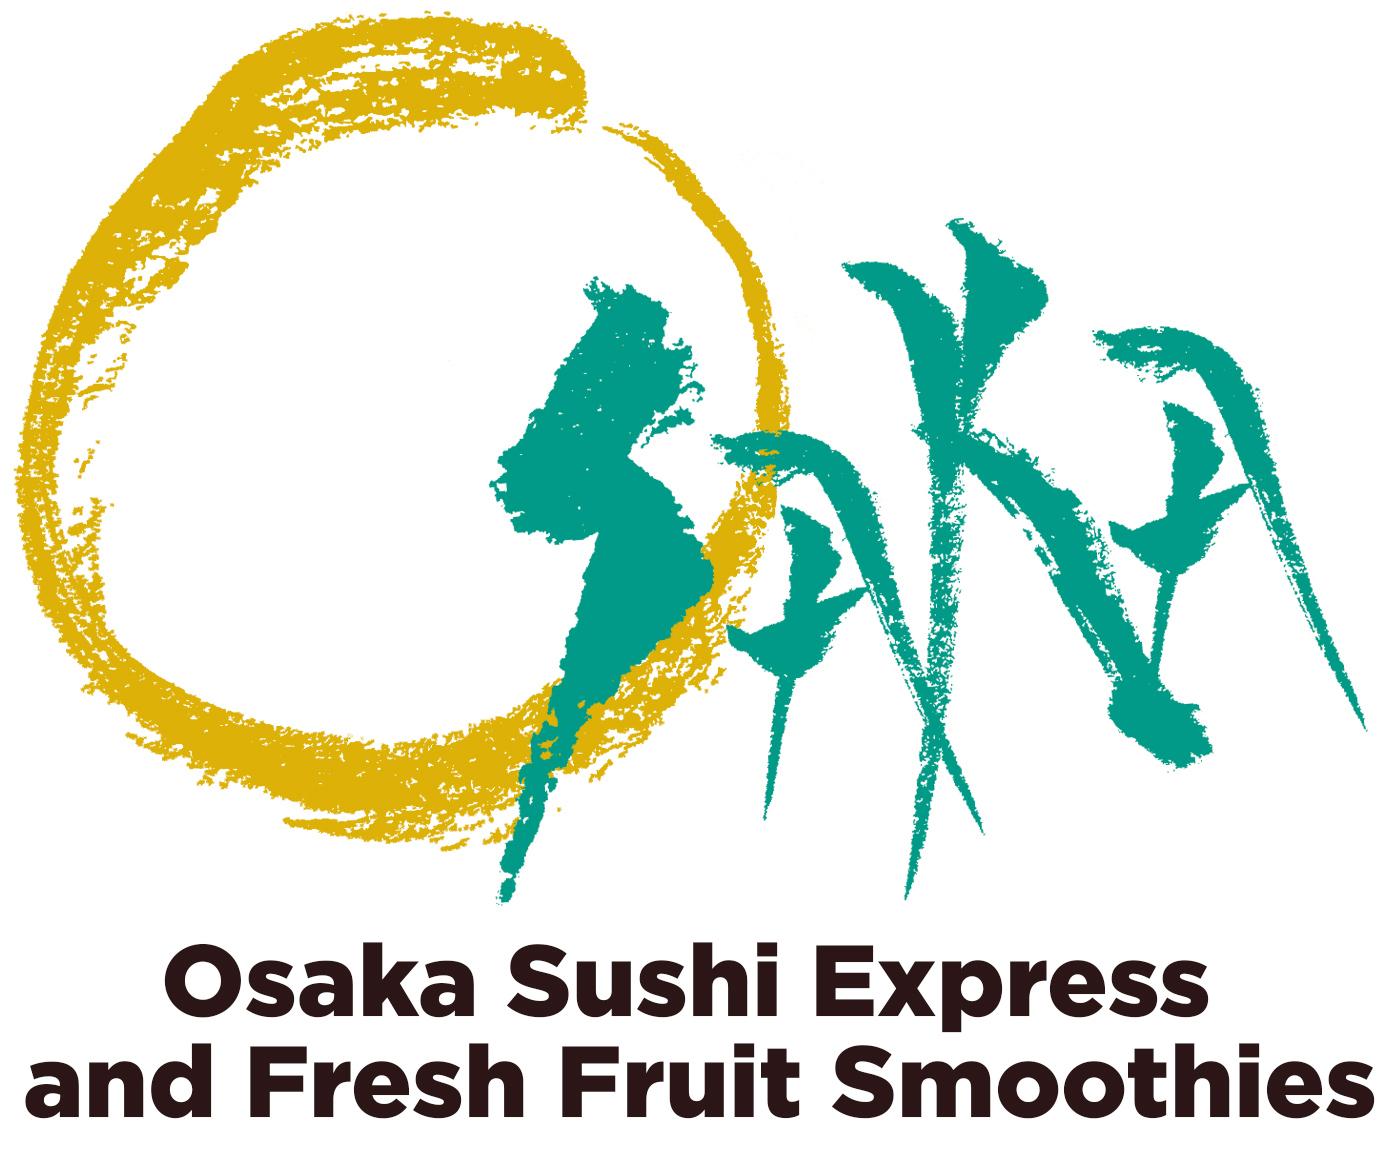 Osaka Sushi Express